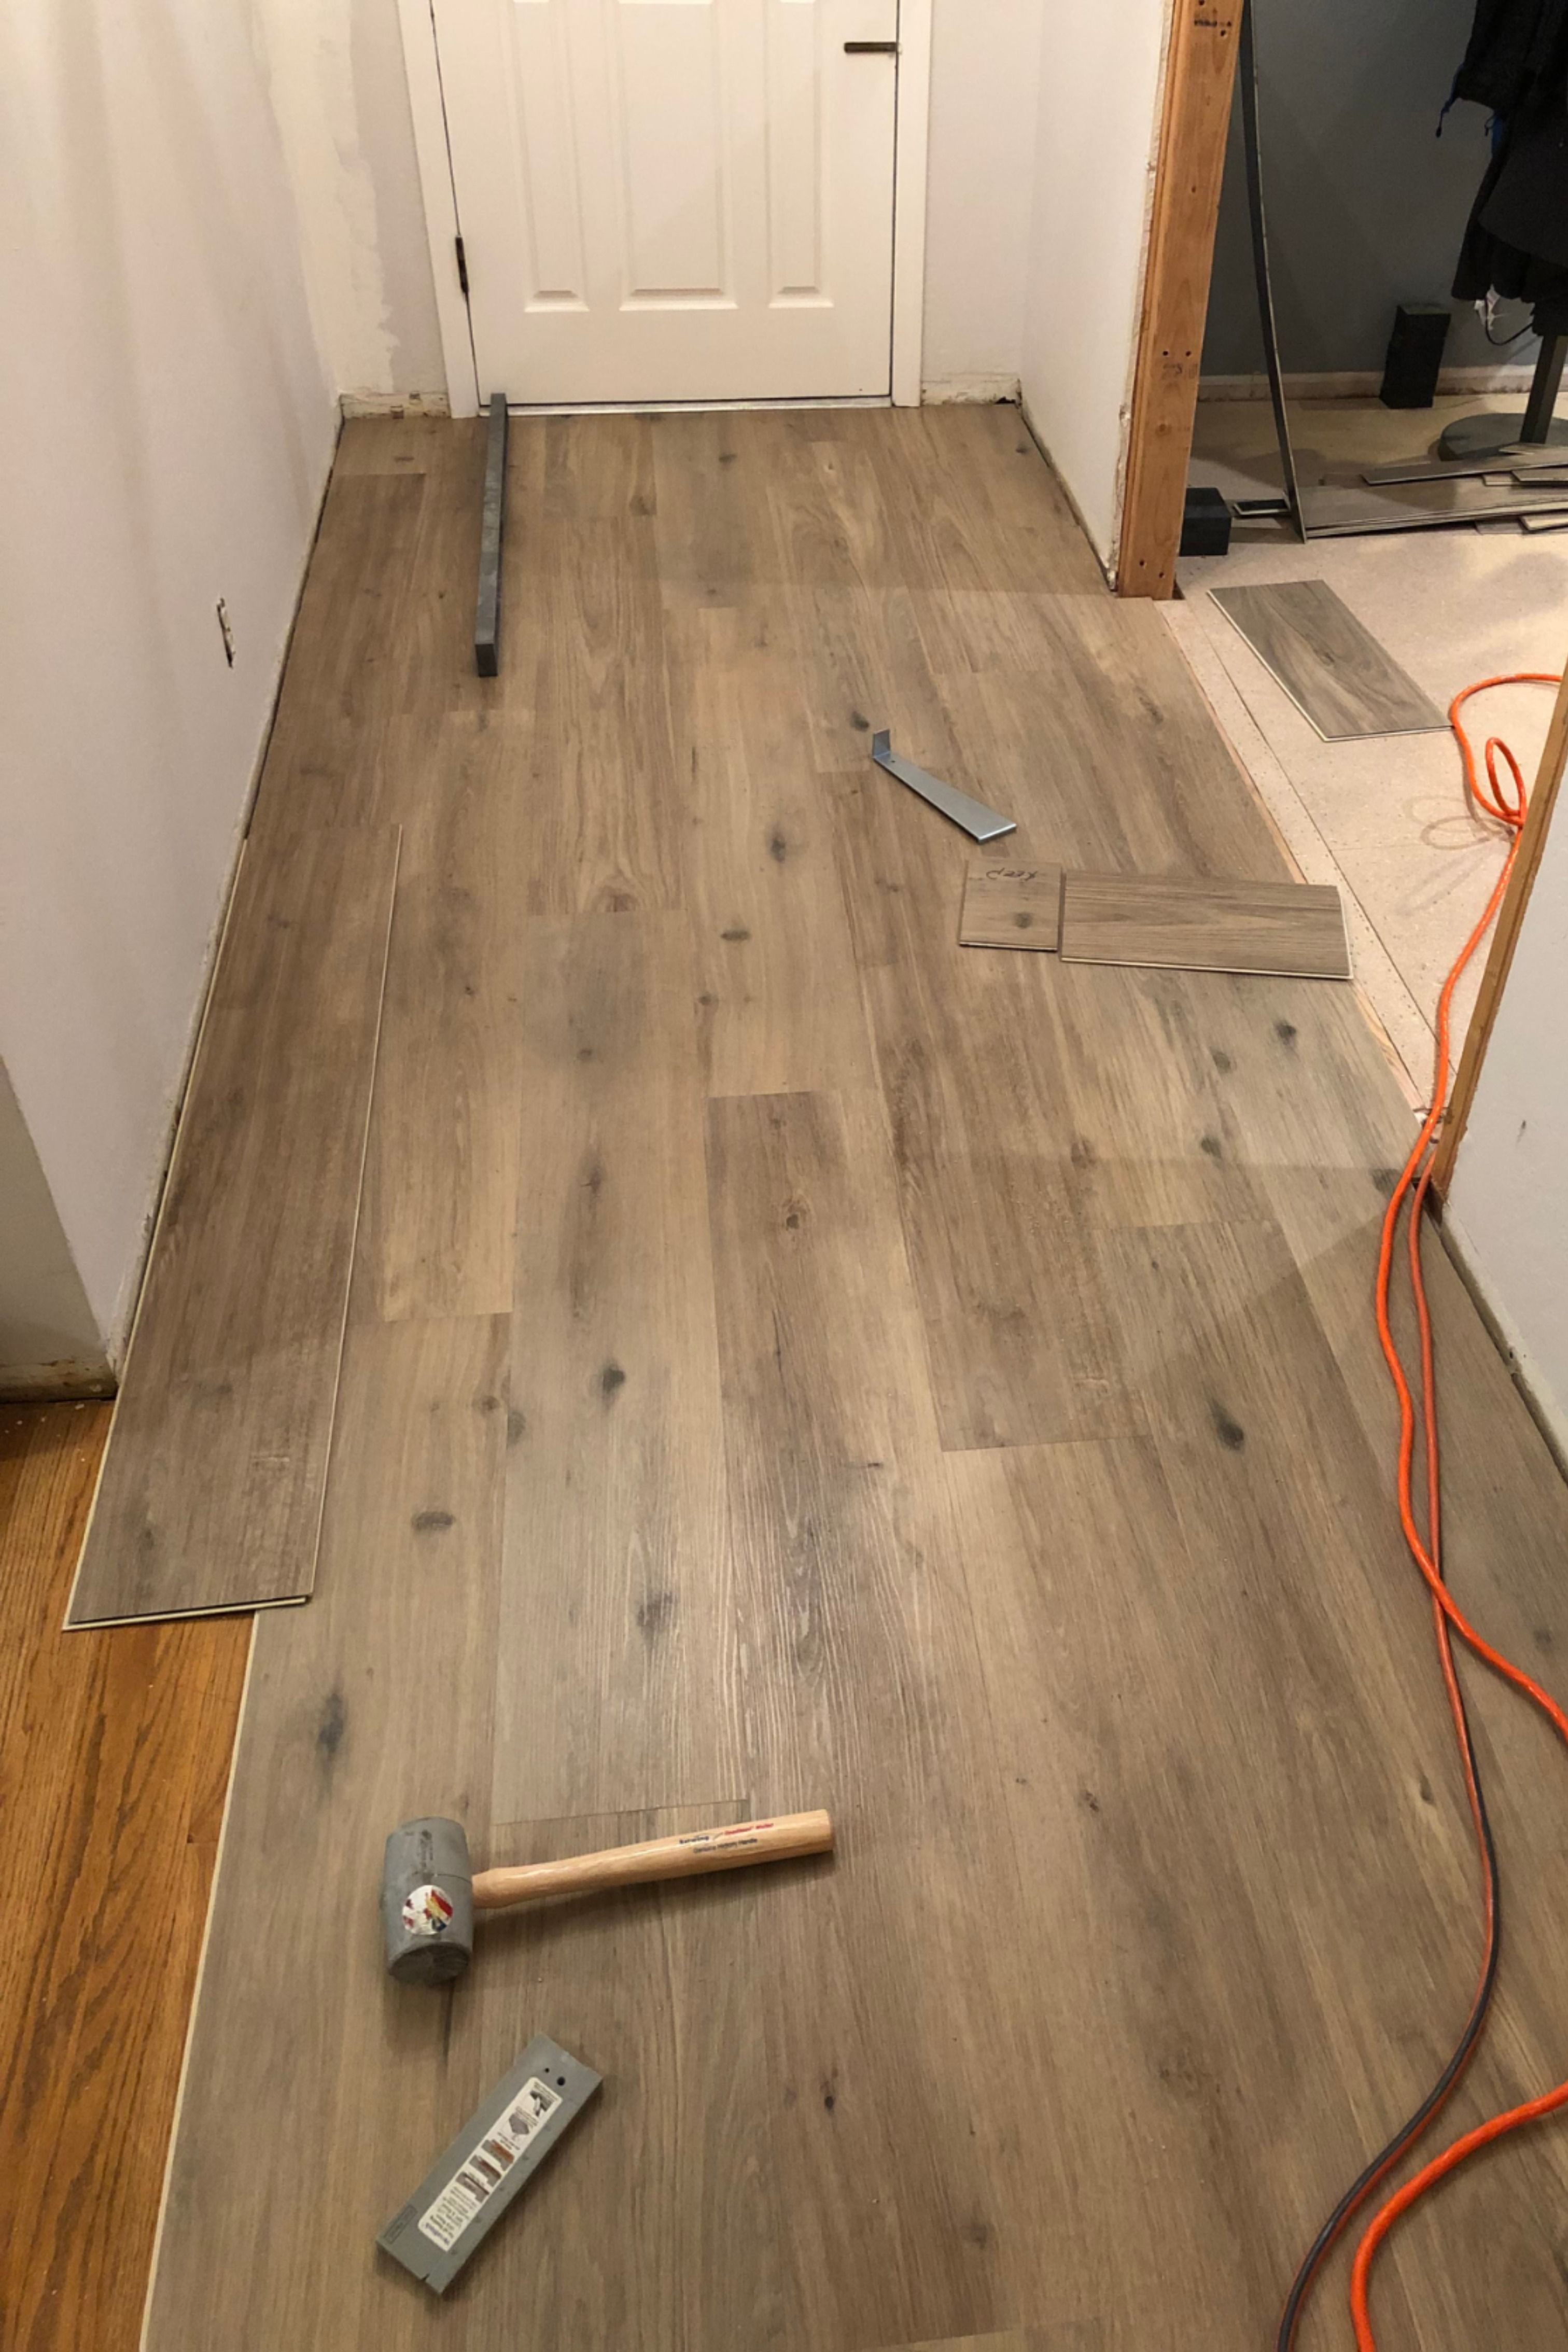 Easiest Install Diy Vinyl Plank Flooring In 2020 Flooring Installing Vinyl Plank Flooring Karndean Flooring